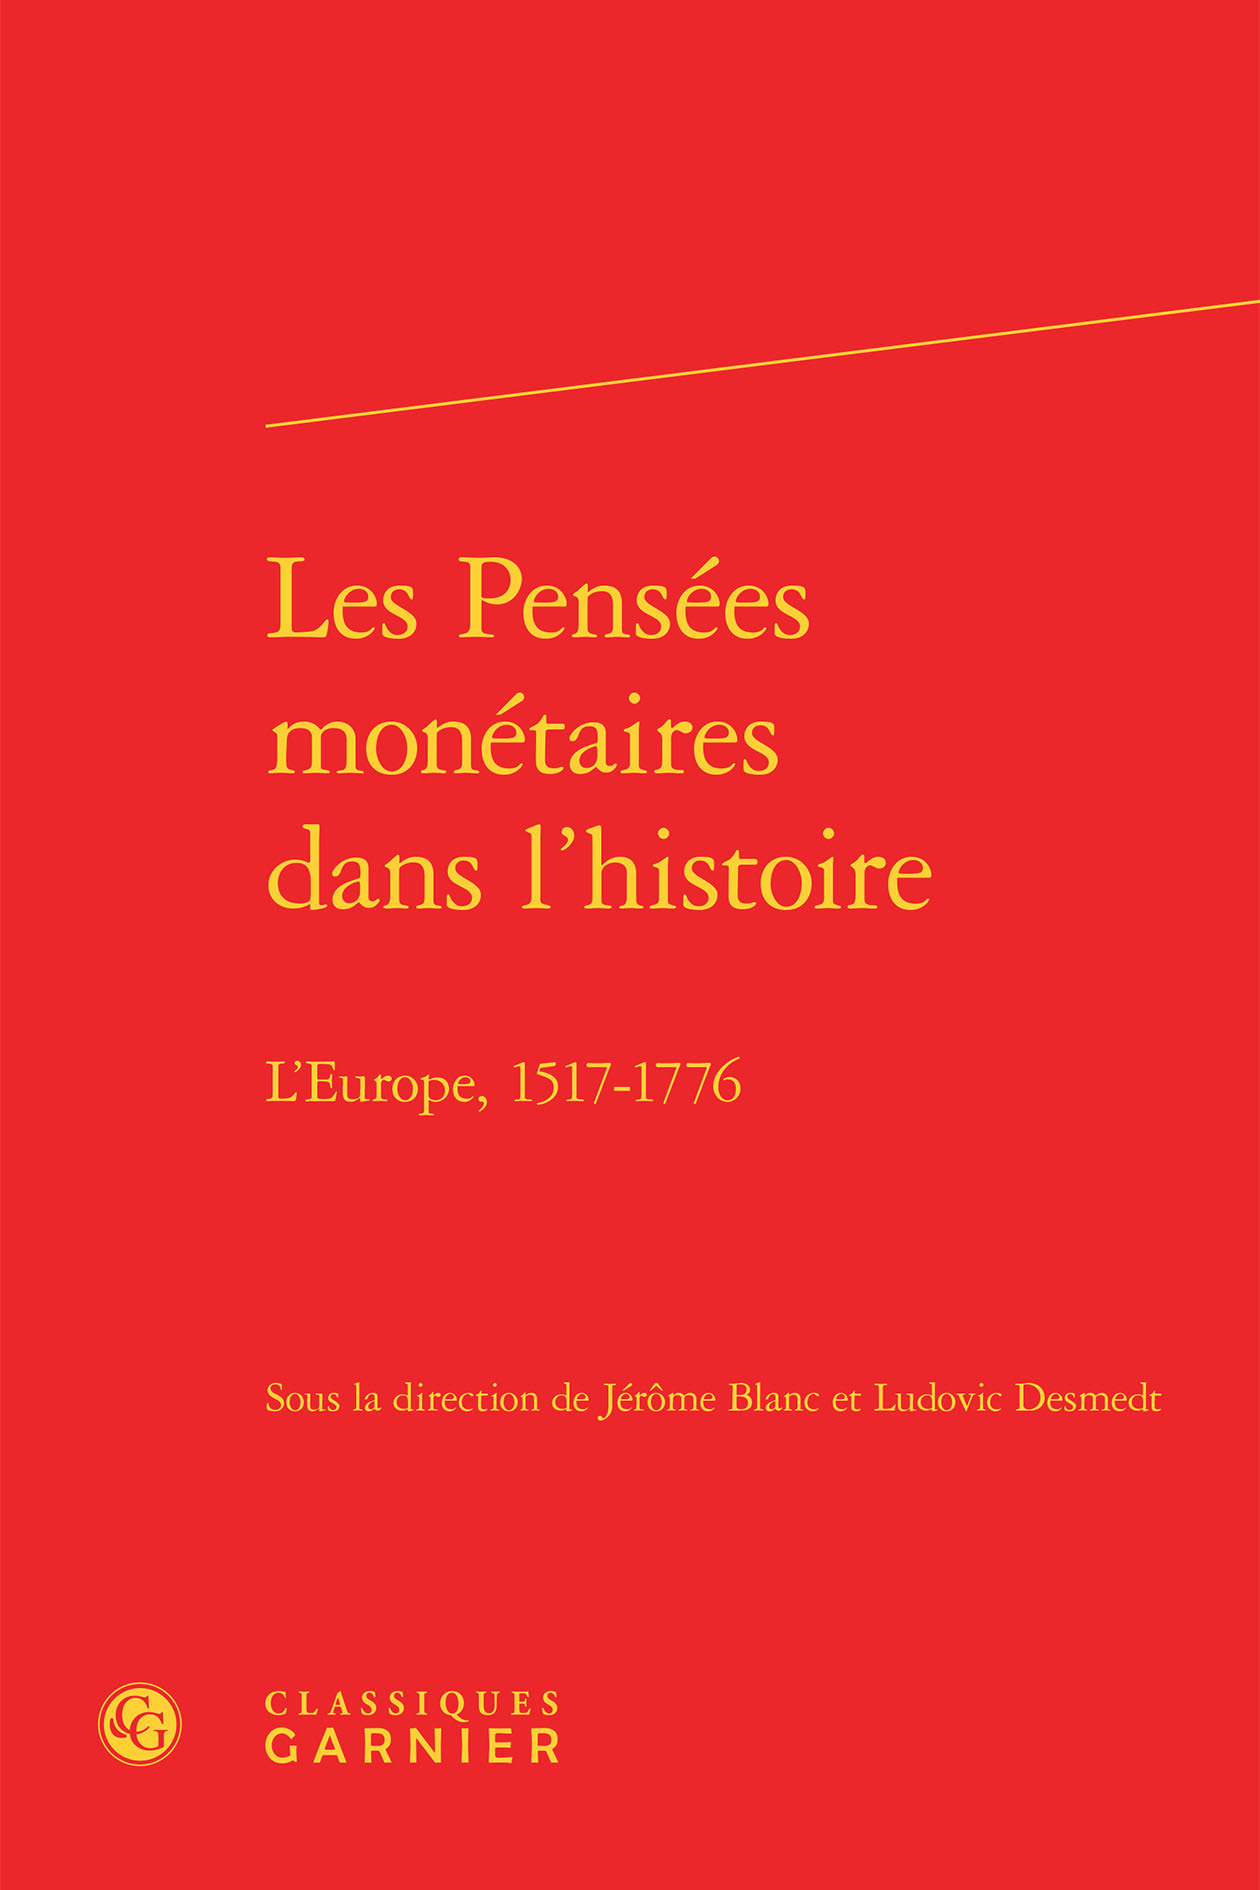 LES PENSEES MONETAIRES DANS L'HISTOIRE - L'EUROPE, 1517-1776